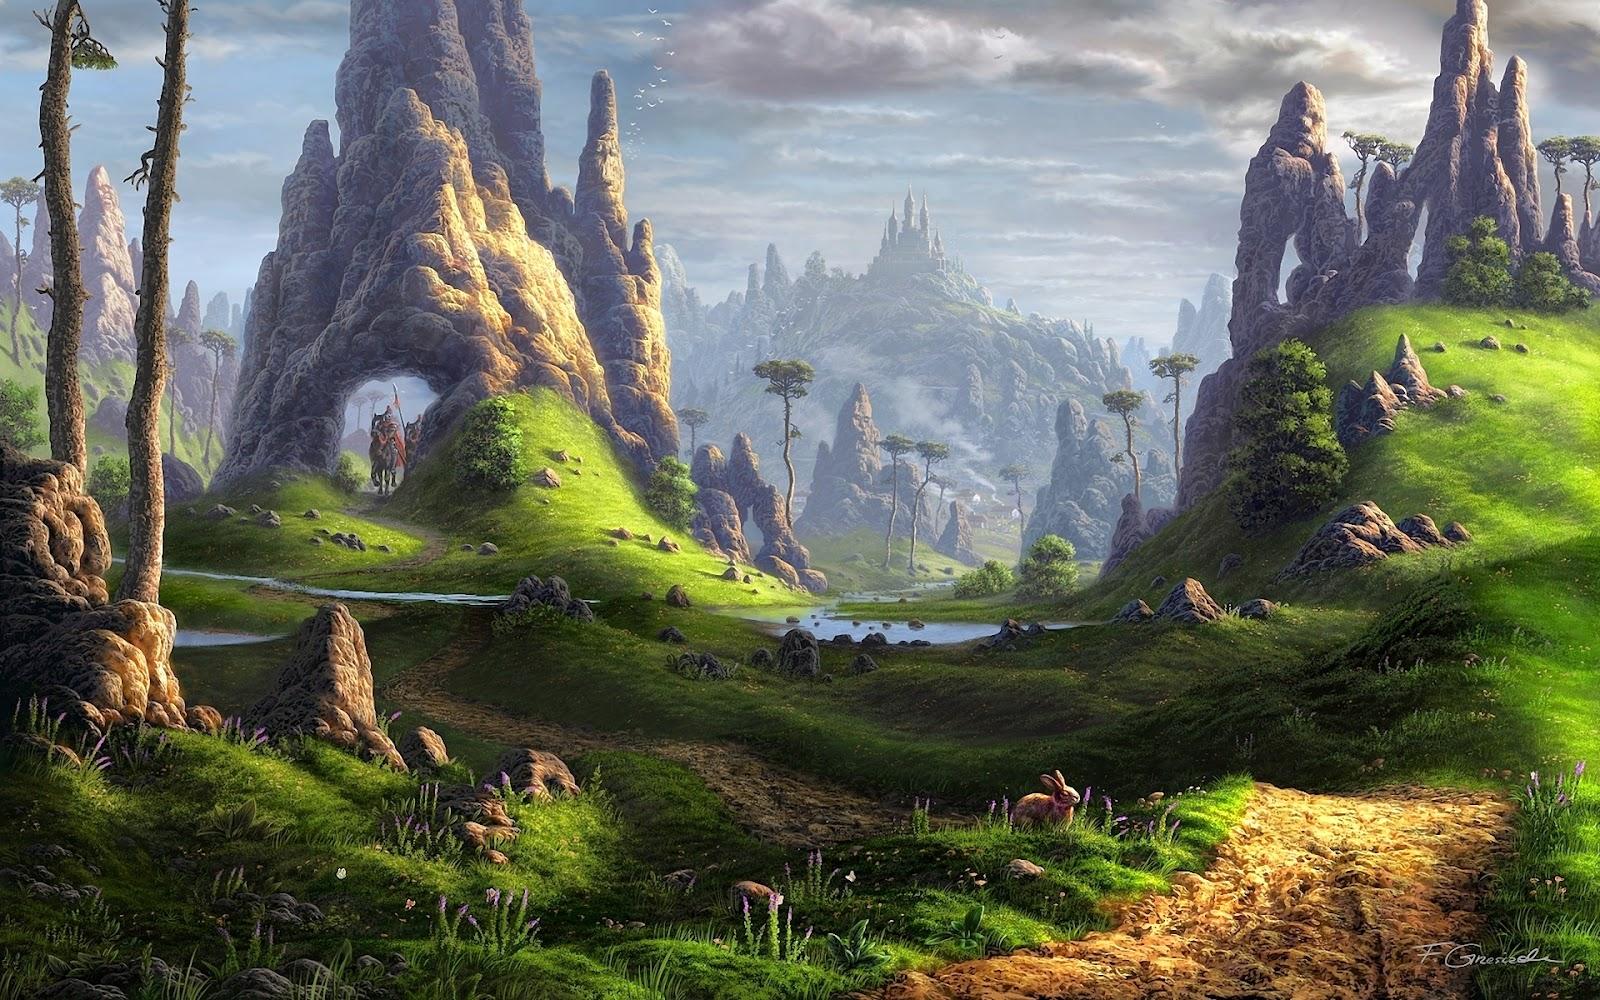 Sfondo+paesaggio+fantasy+foresta+guerrie